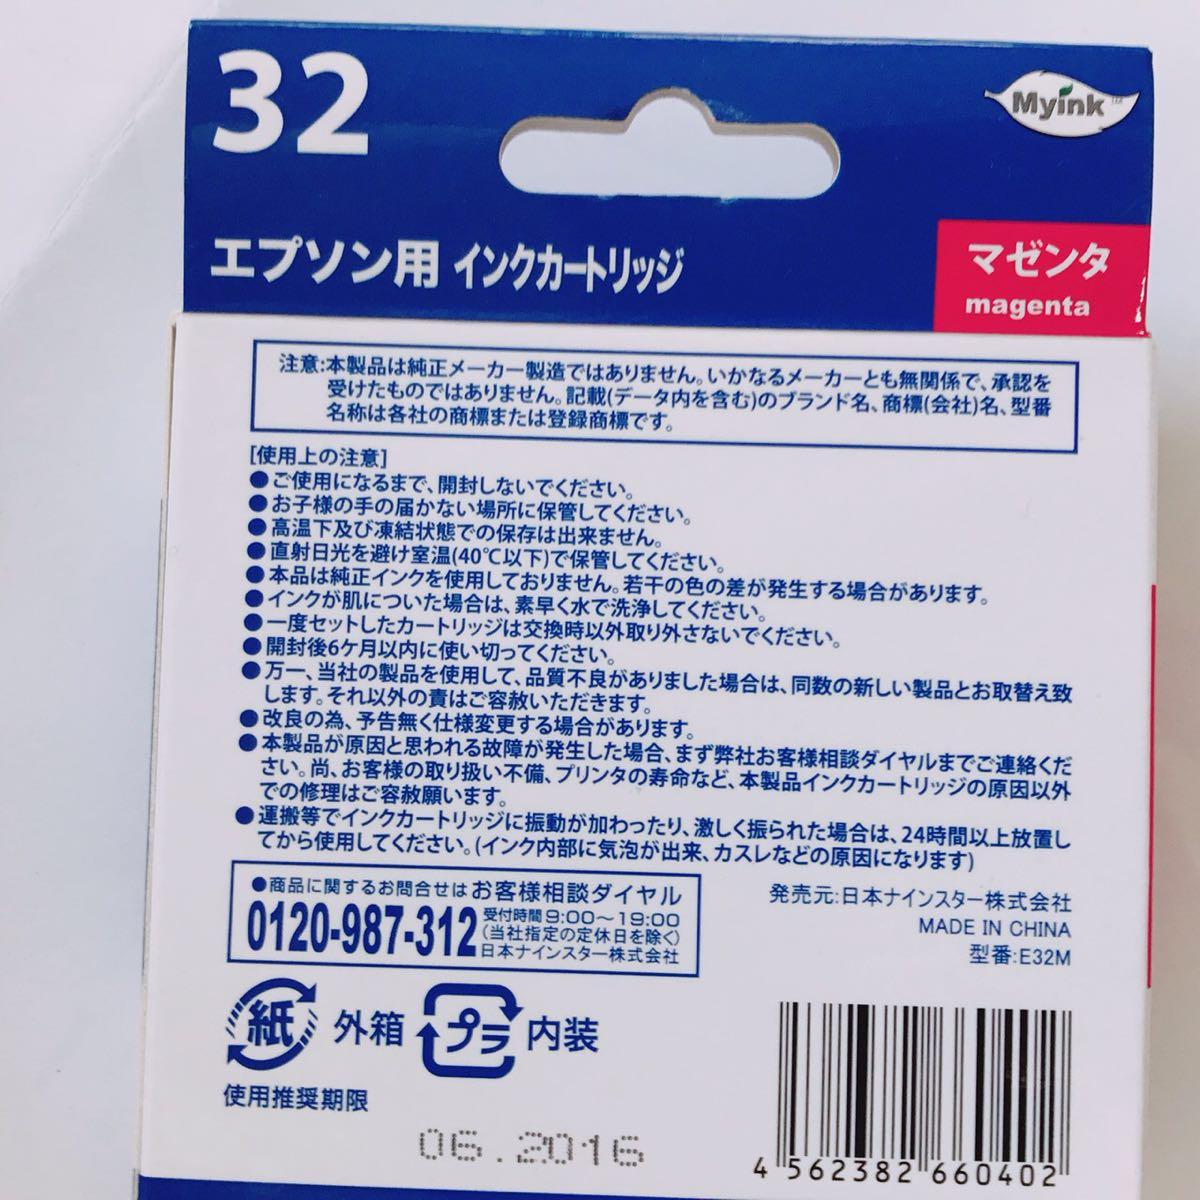 未使用 ★ EPSON エプソン インク カートリッジ 32 マゼンタ ICM32 互換 ★ プリンタ 推奨使用期限切れ ★ 12-1~4_画像2